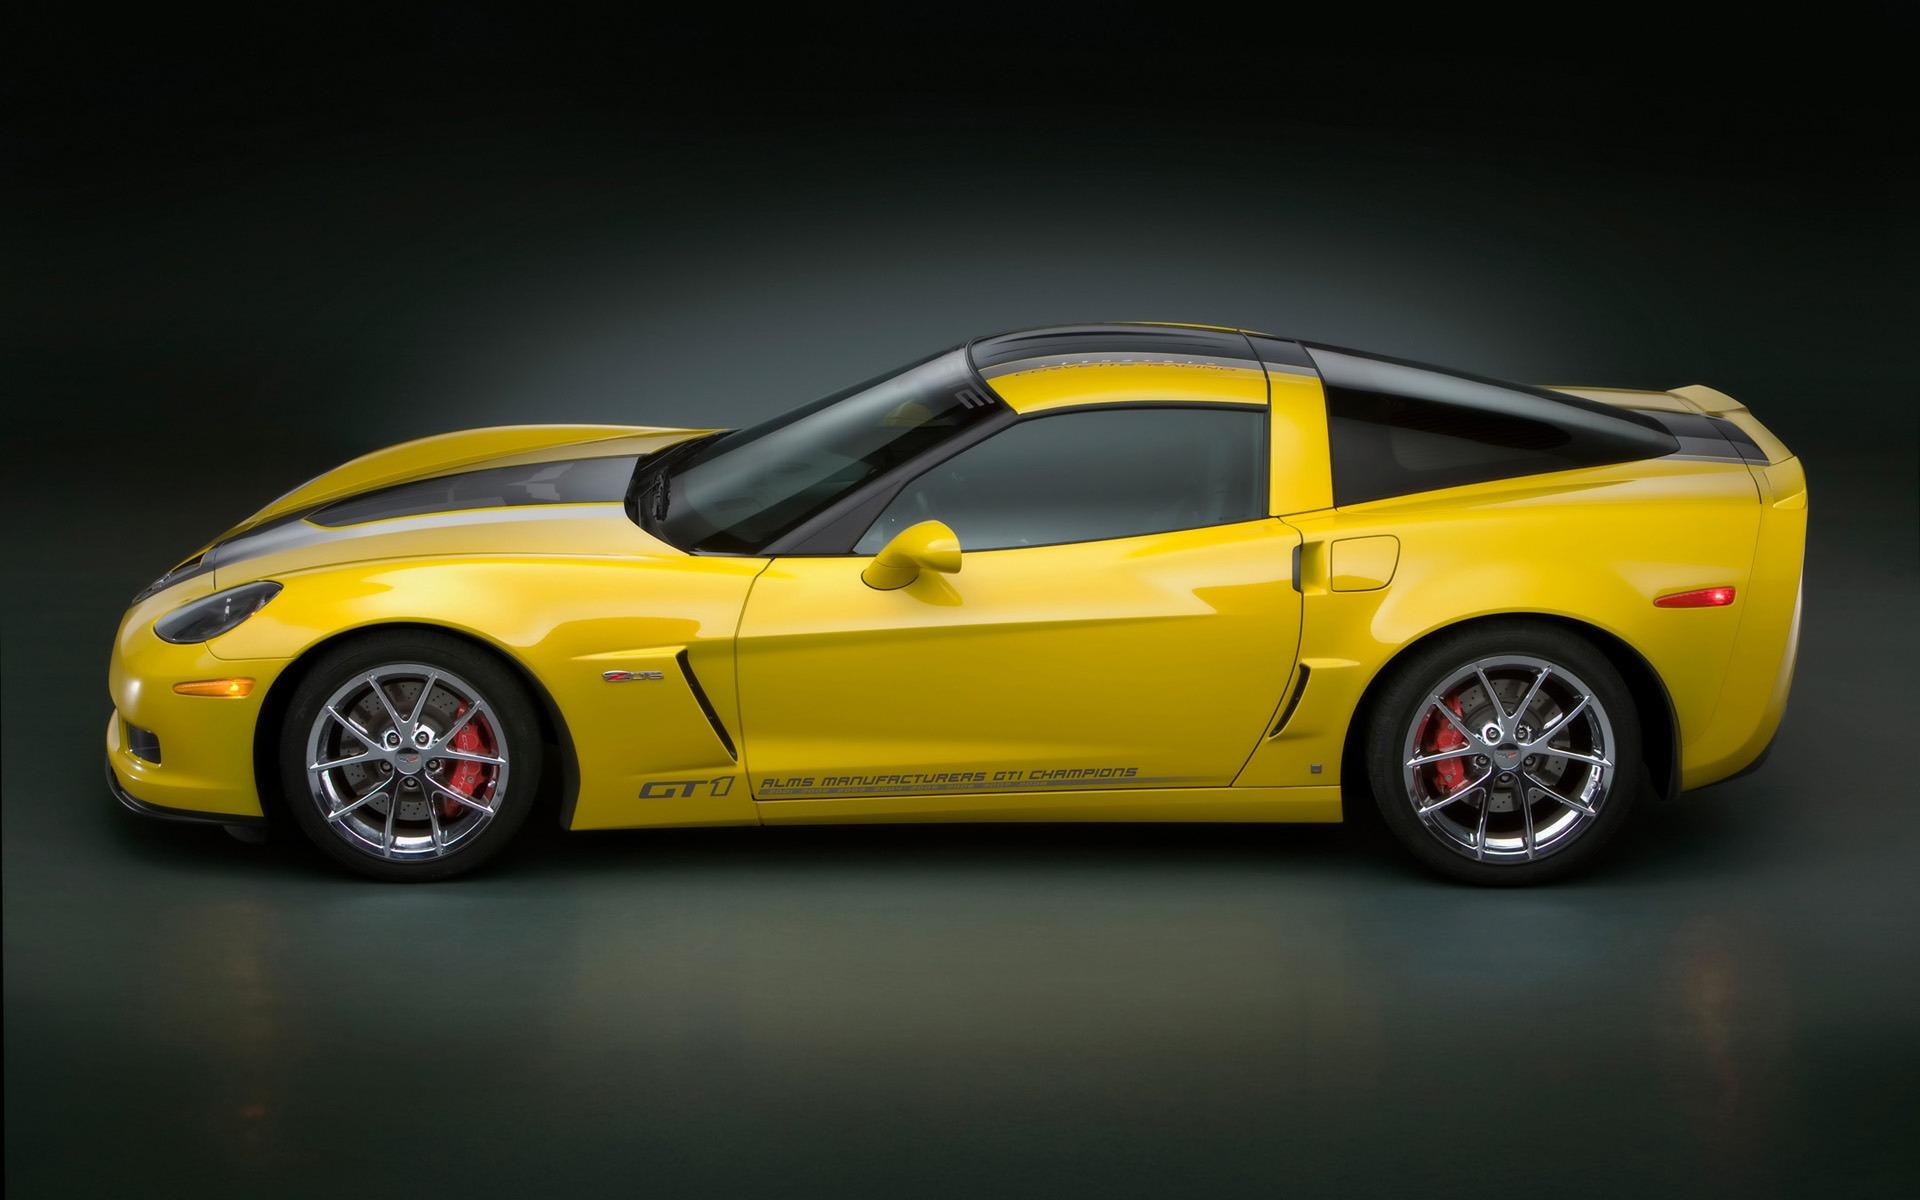 chevrolet corvette gt1 wallpaper chevrolet cars wallpaper 1920 1200 1920x1200